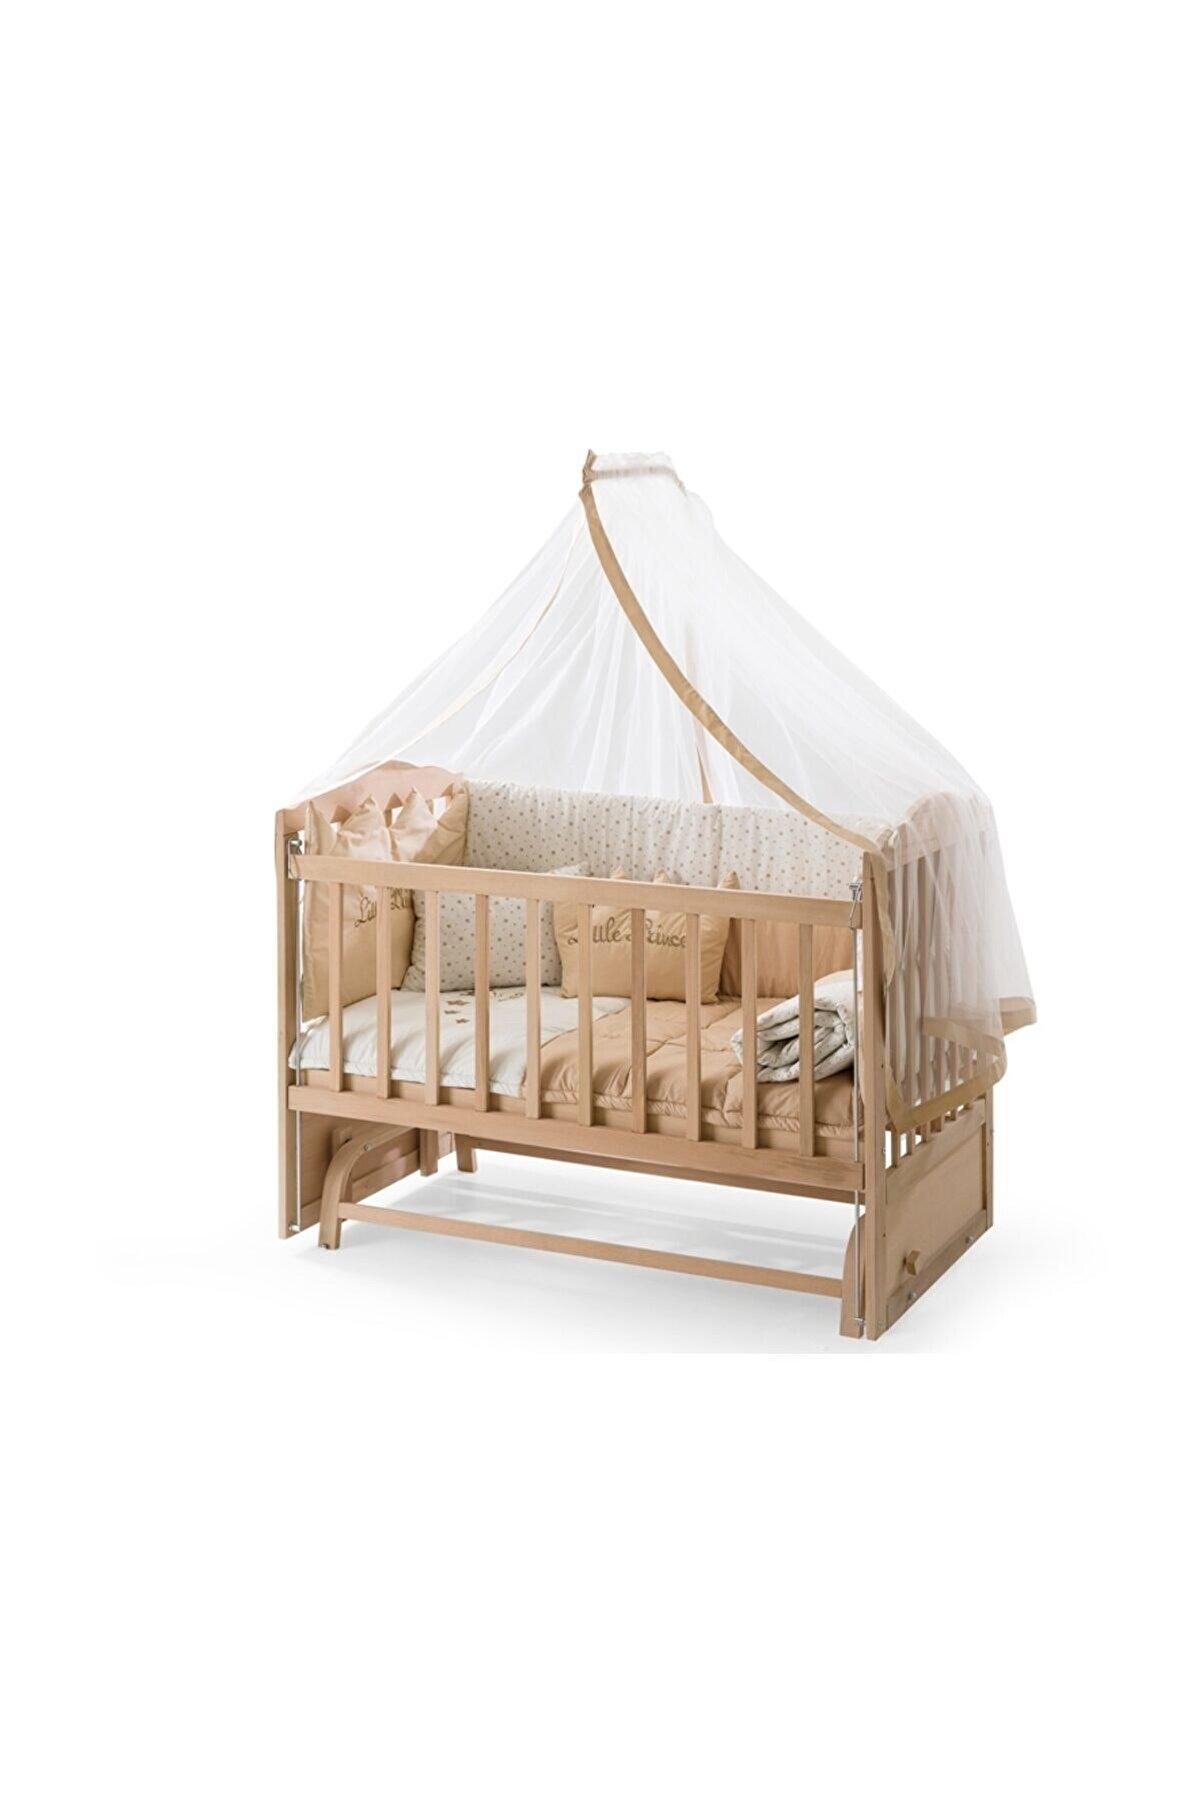 Heyner Ahşap Anne Yanı Beşik Sallanır Beşik Organik 60x120 + Krem Prenses Uyku Seti + Yatak + Tekerlek